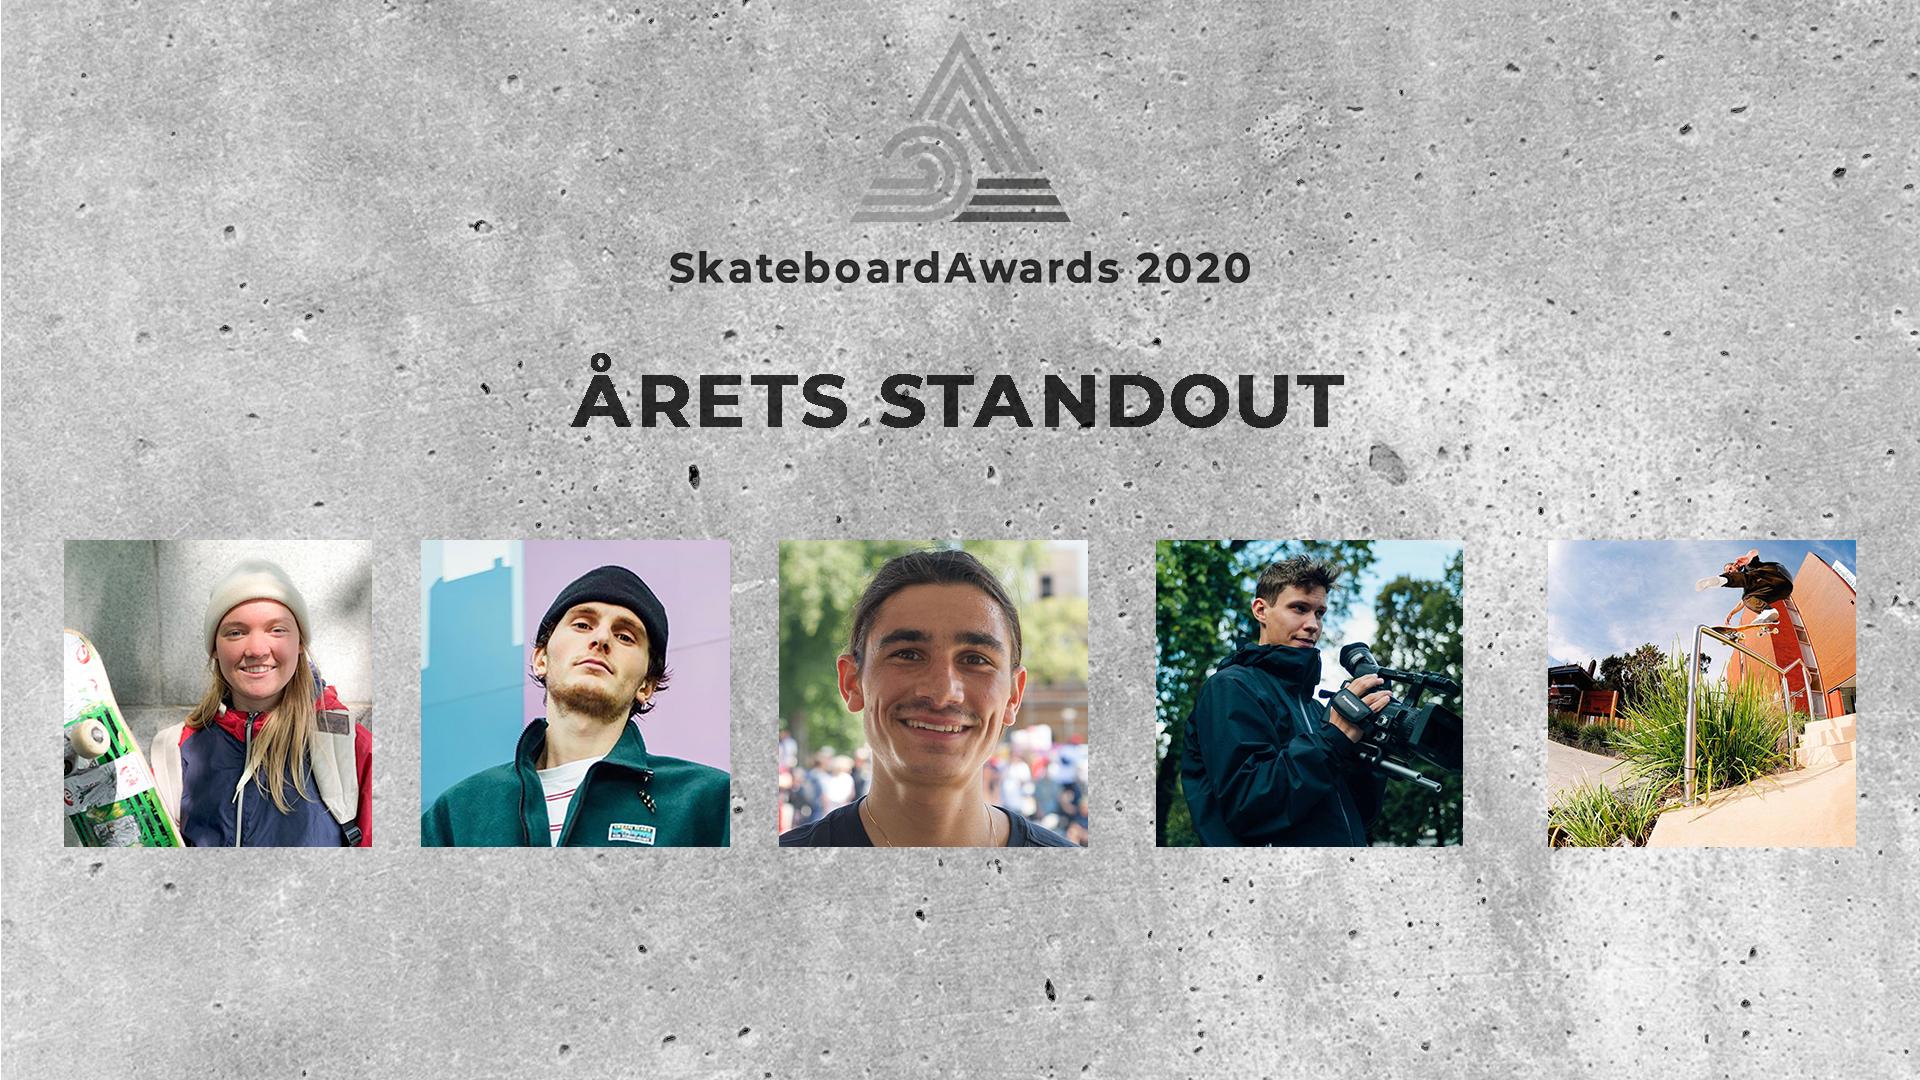 Stem på årets standout!